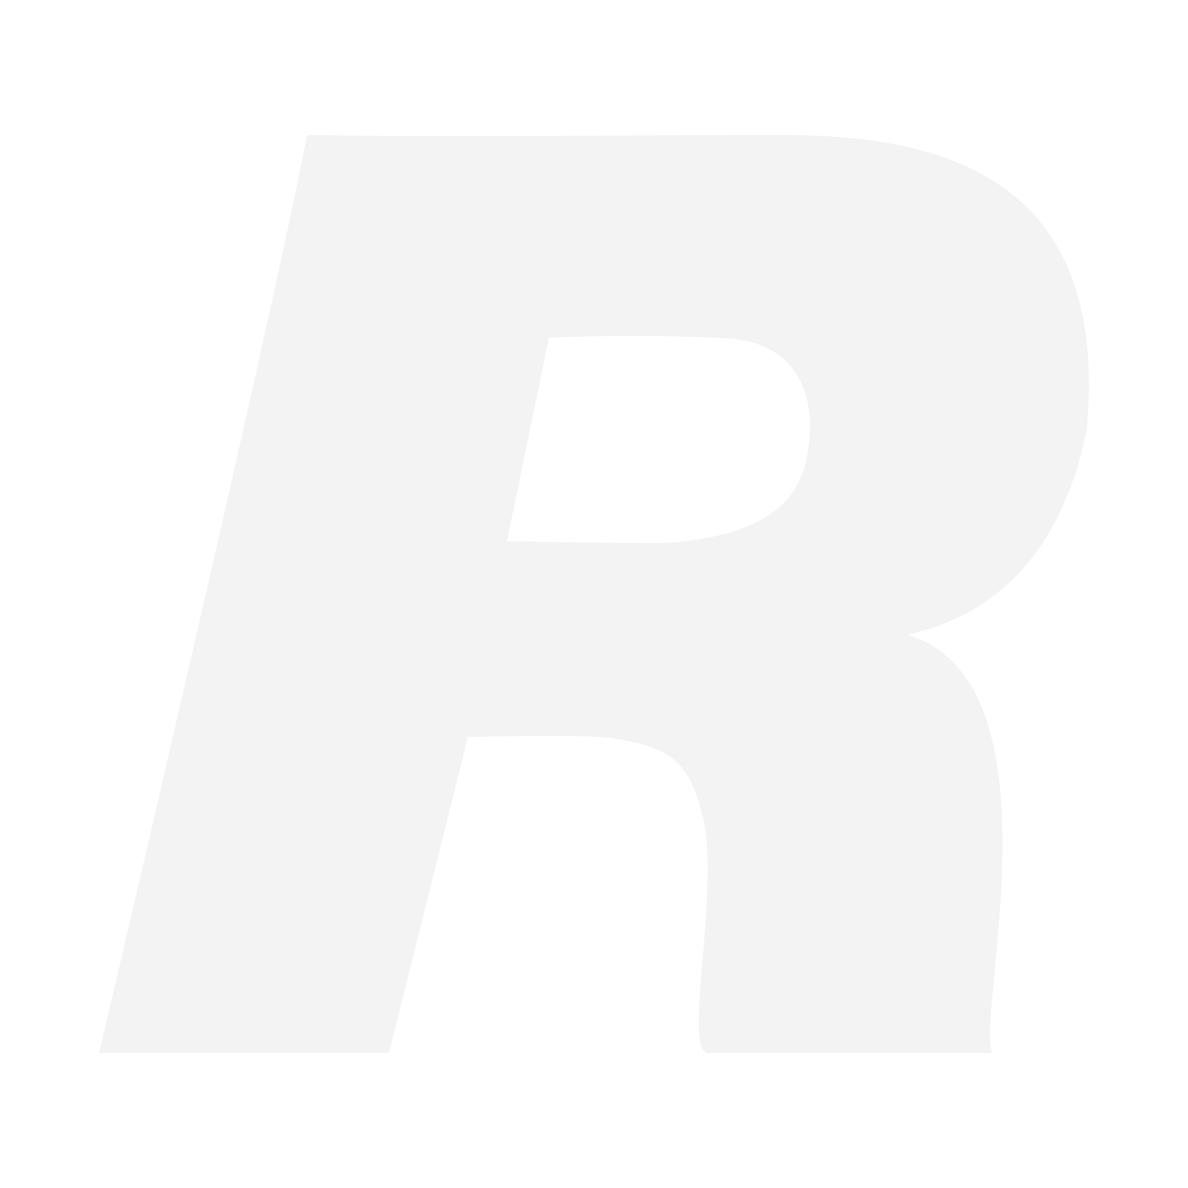 CENTURY 1.6X TELECONVERTER KÄYTETTY (SIS. ALV 24%)